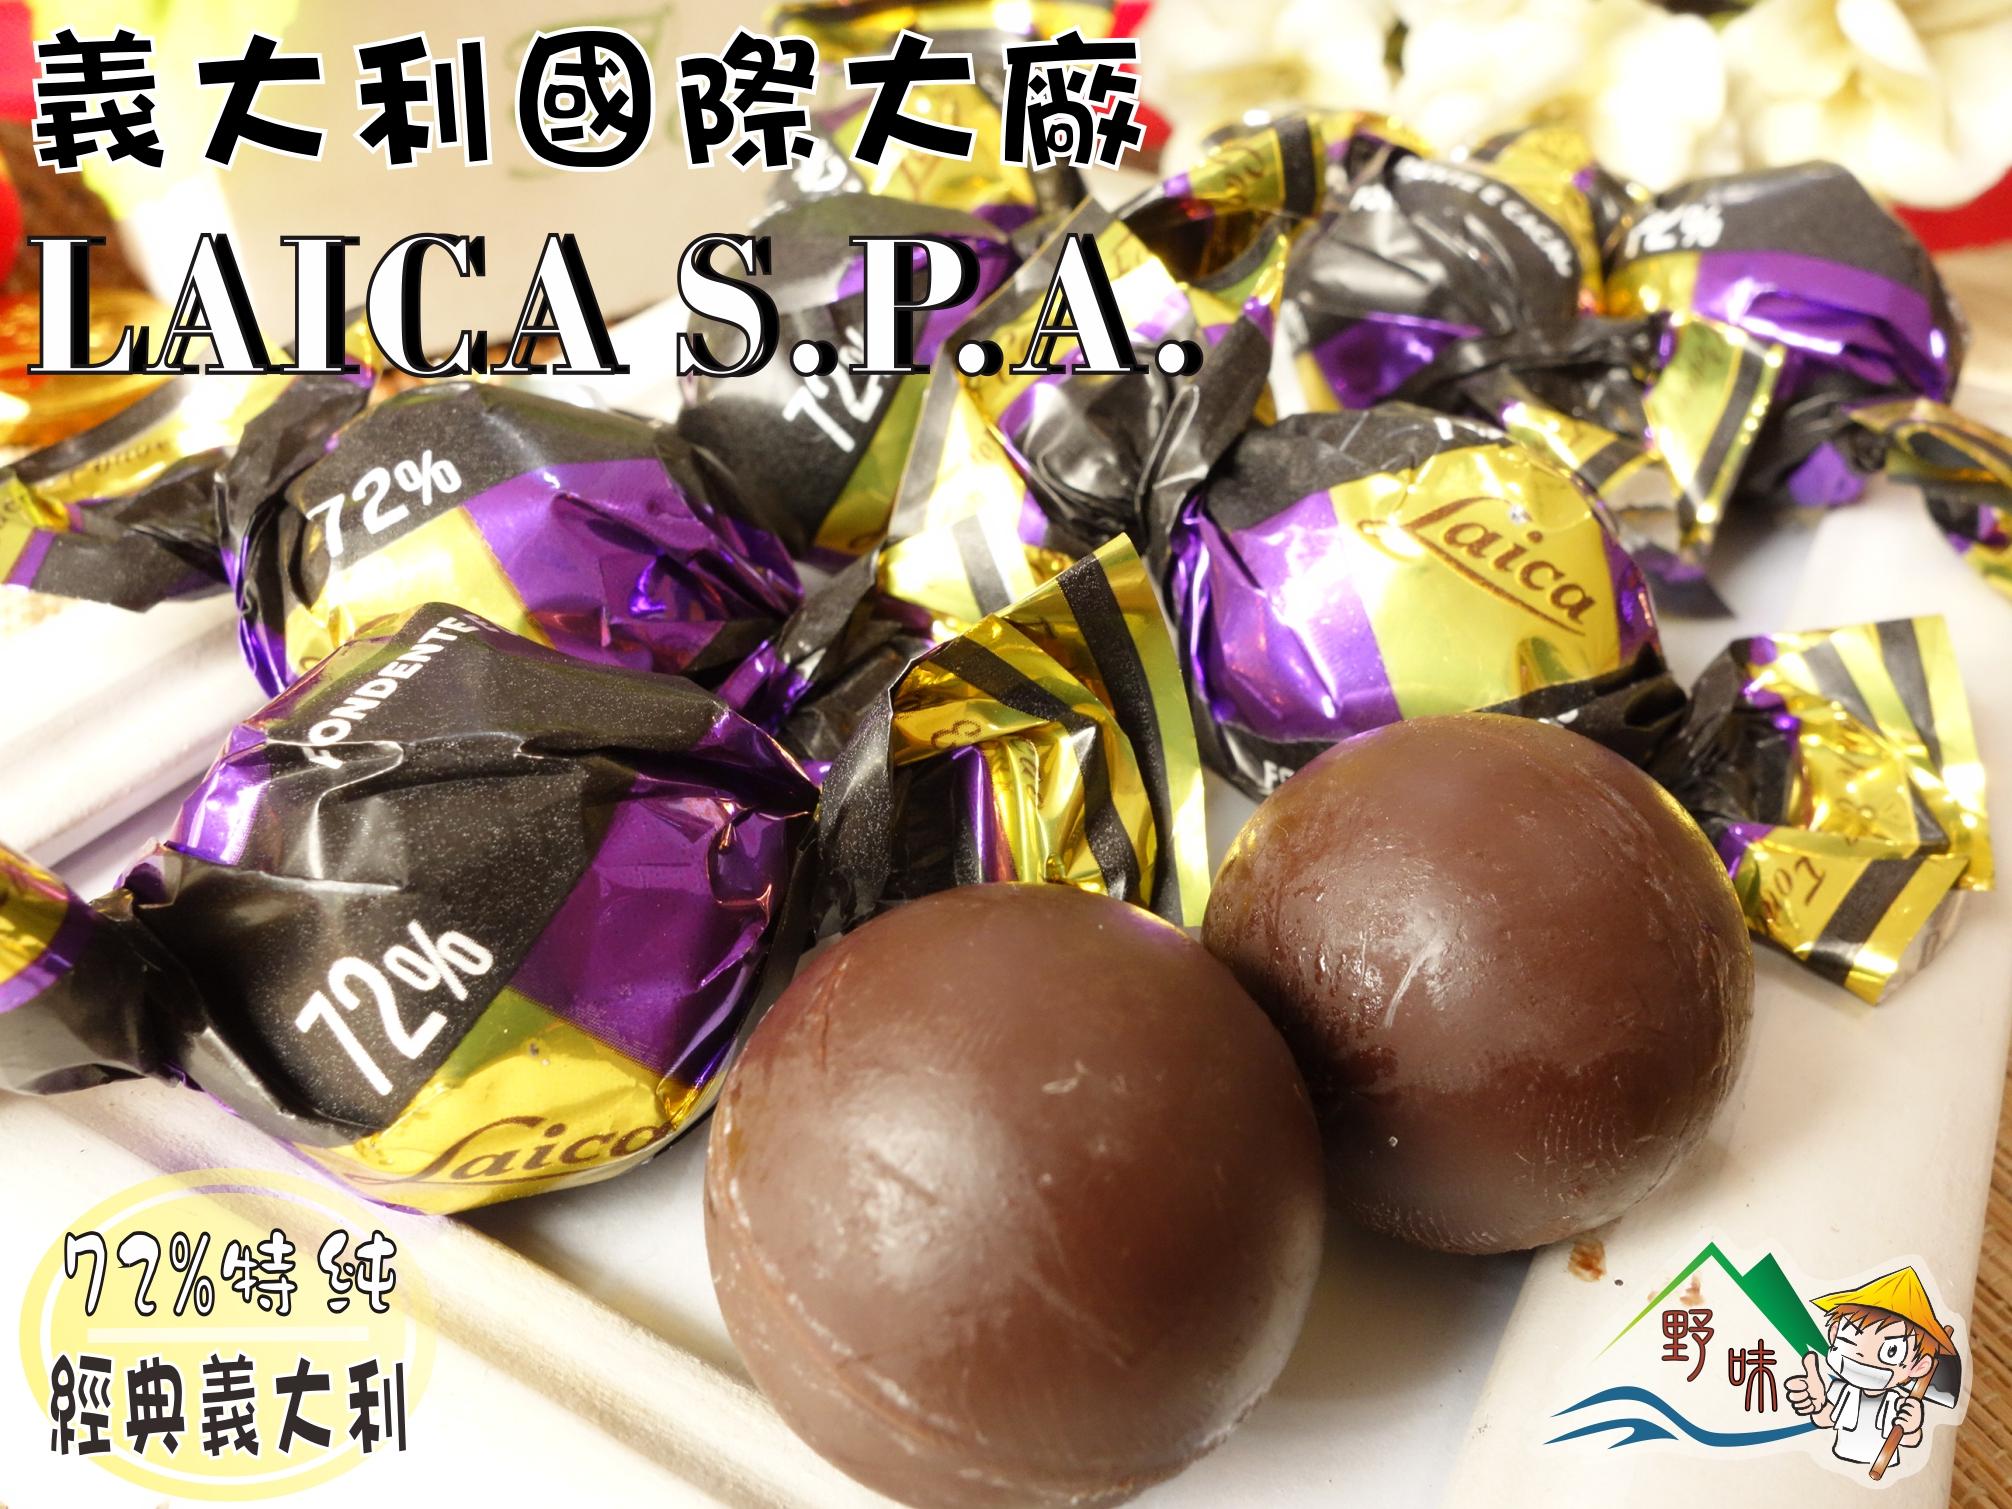 【野味食品】萊卡72%黑巧克力(可可夾心)(義大利產)(280g/包,495g/包)(桃園實體店面出貨)